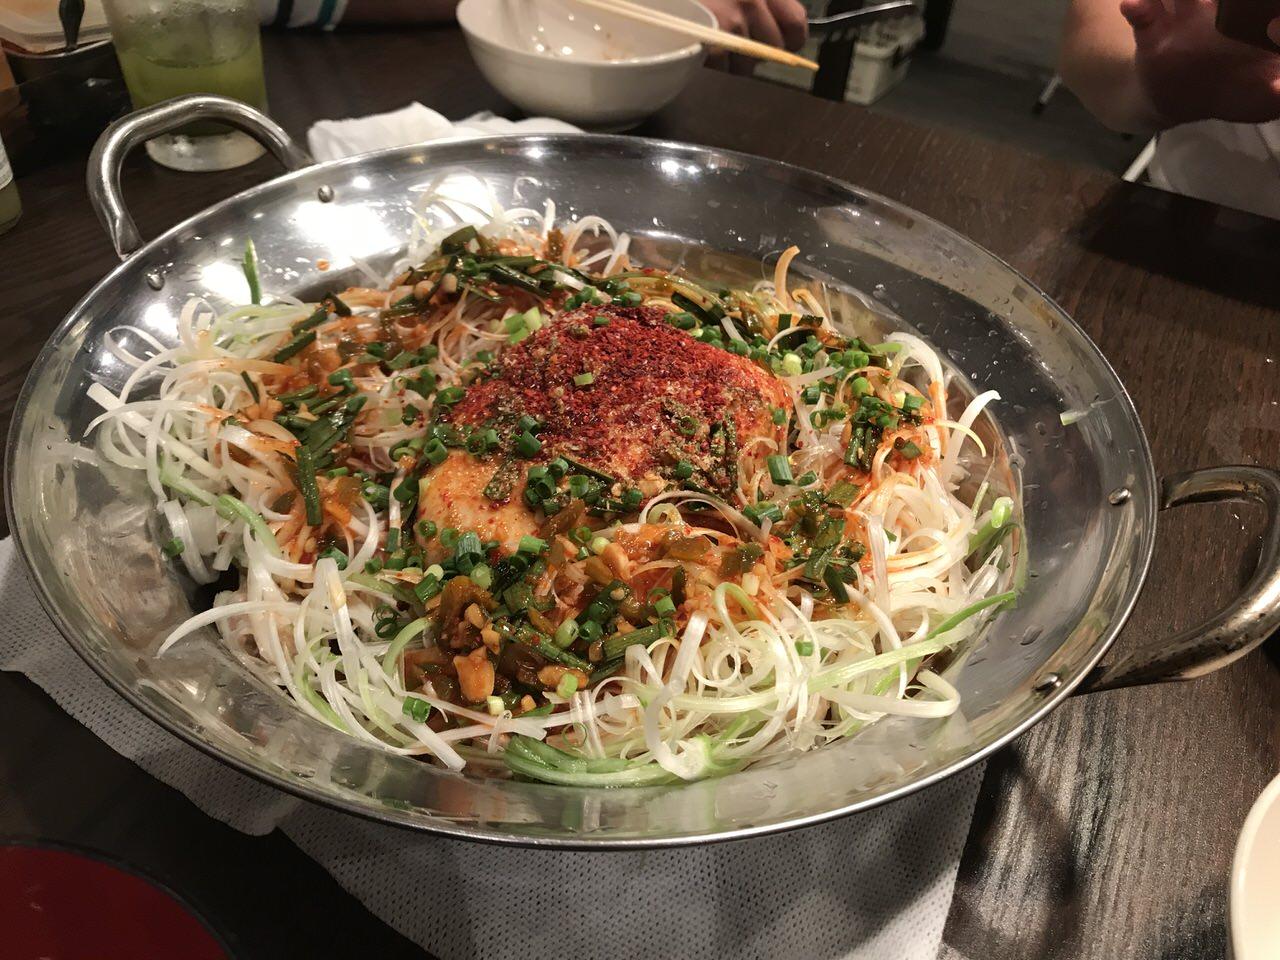 「丸鶏鍋 もと家(上野)」夏限定の辛辛タッカンマリを食べてきた!ハイボールも200円